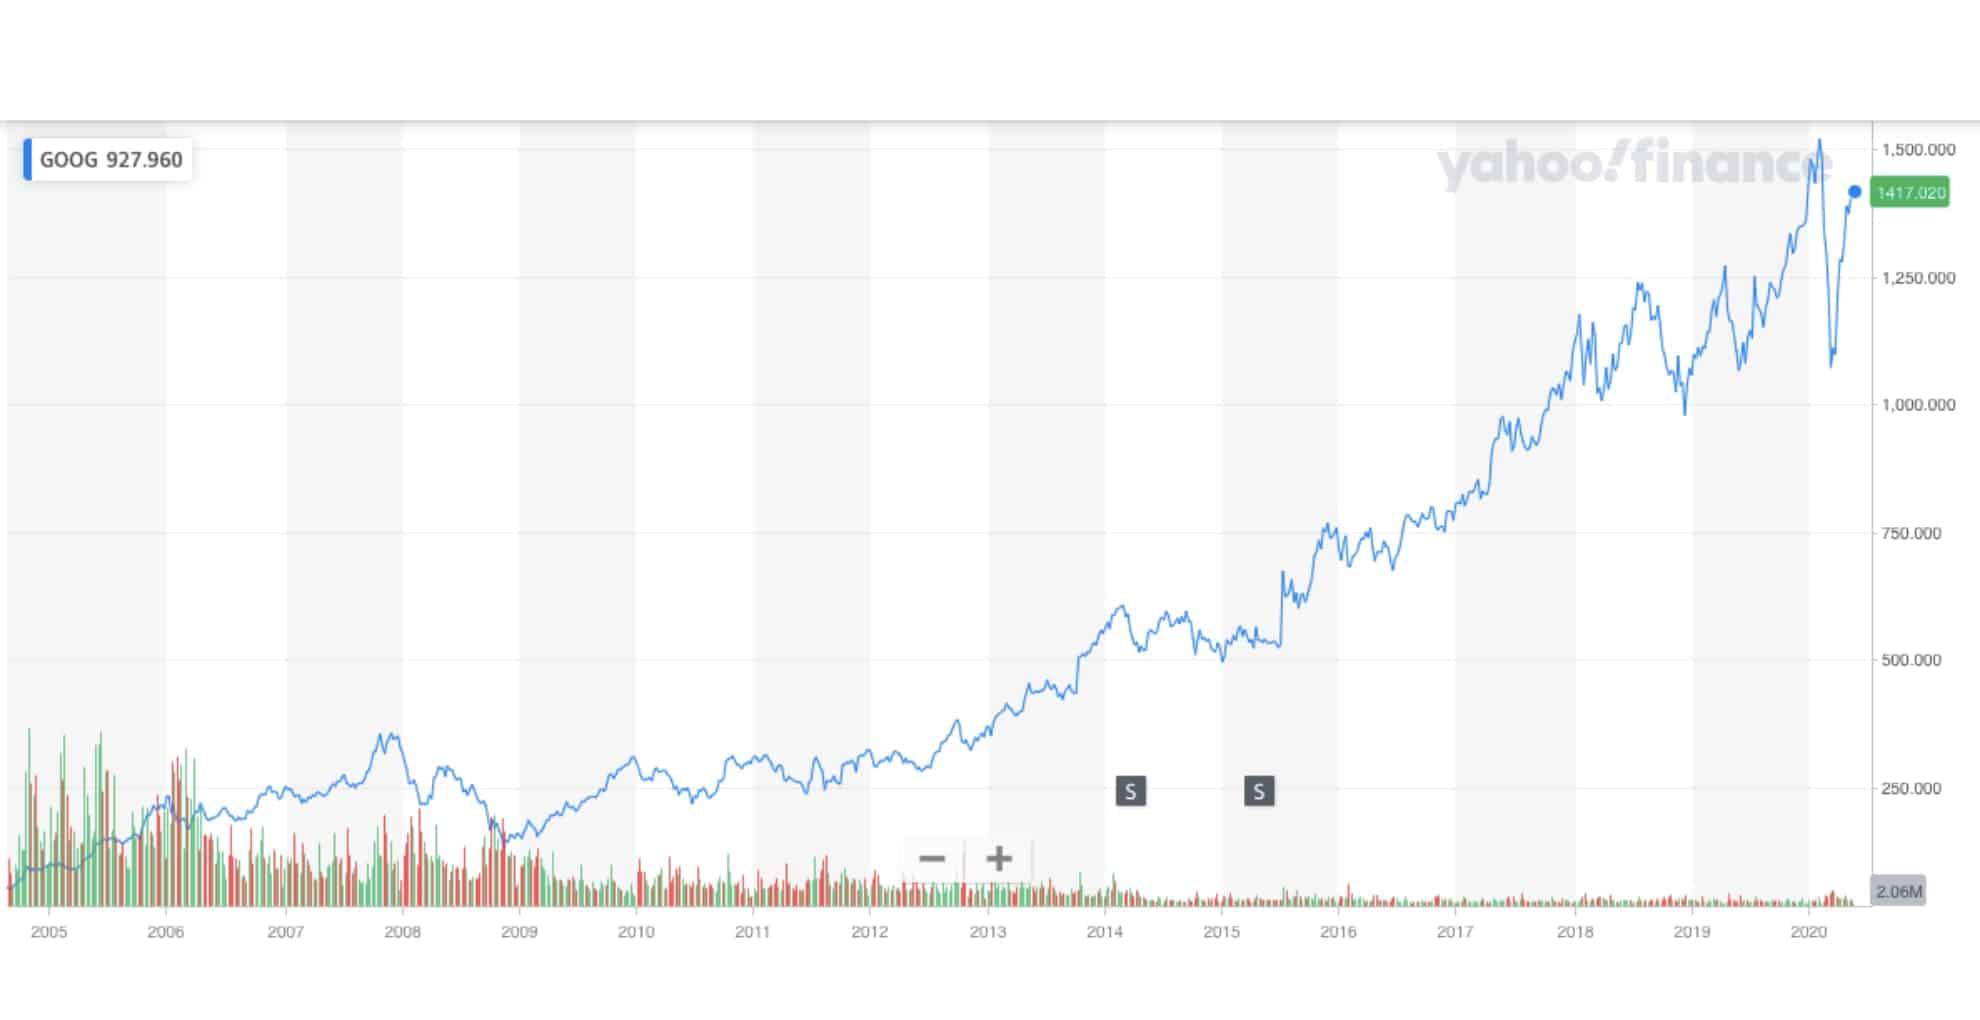 виды инвестиций - акции